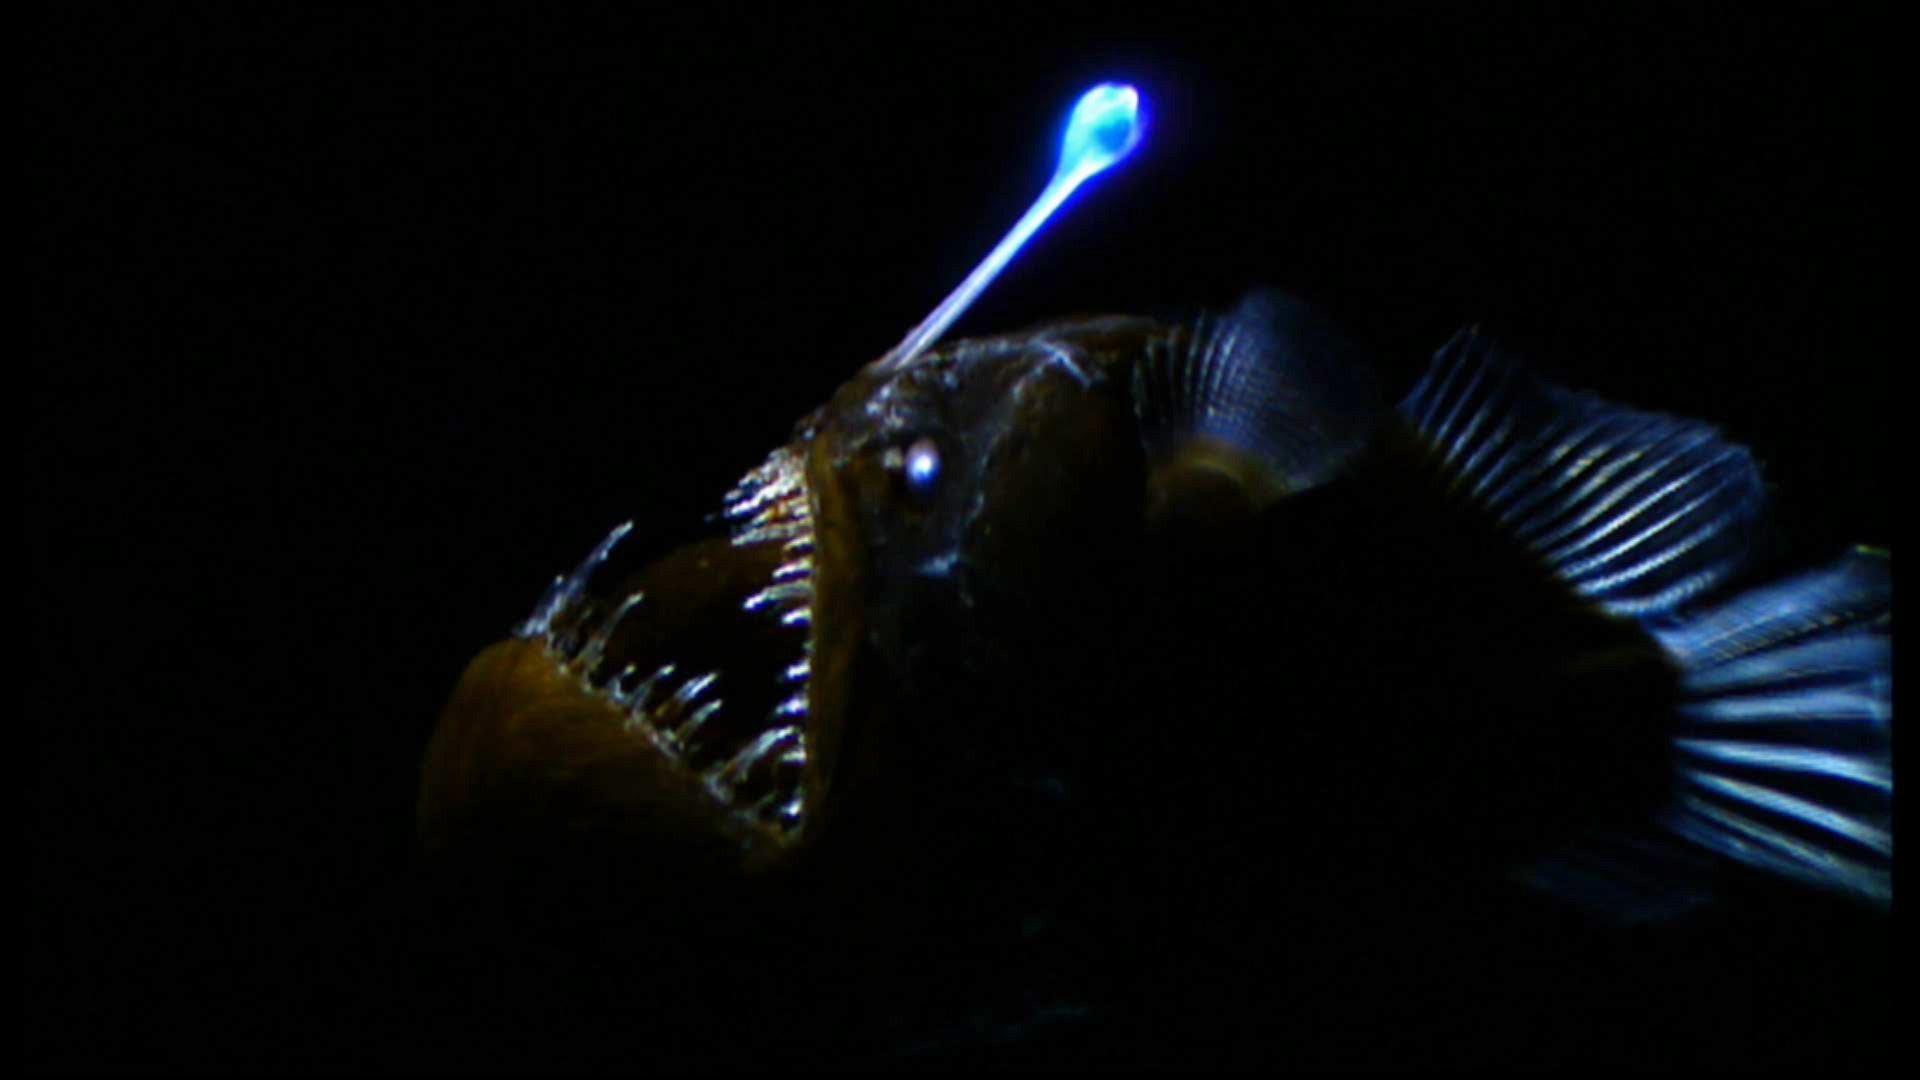 рыба в темноте светится